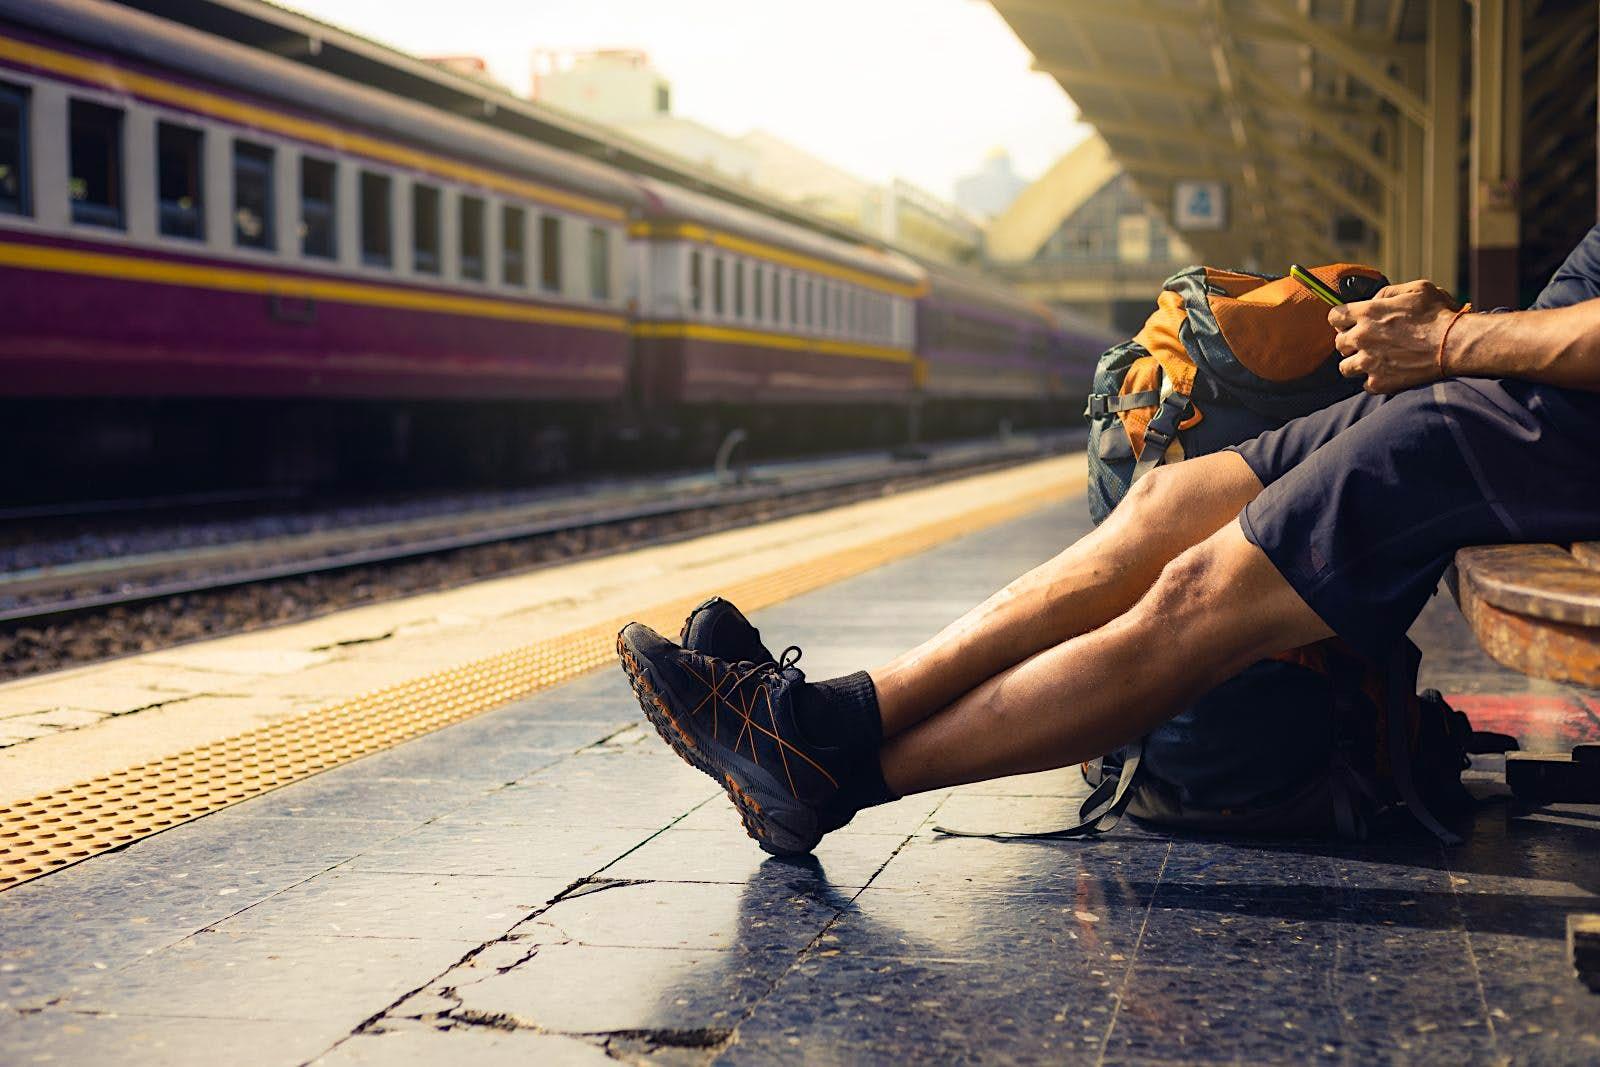 Ein männlicher Reisender spielt auf seinem Telefon, während er auf einer Bank in einem Bahnhof sitzt